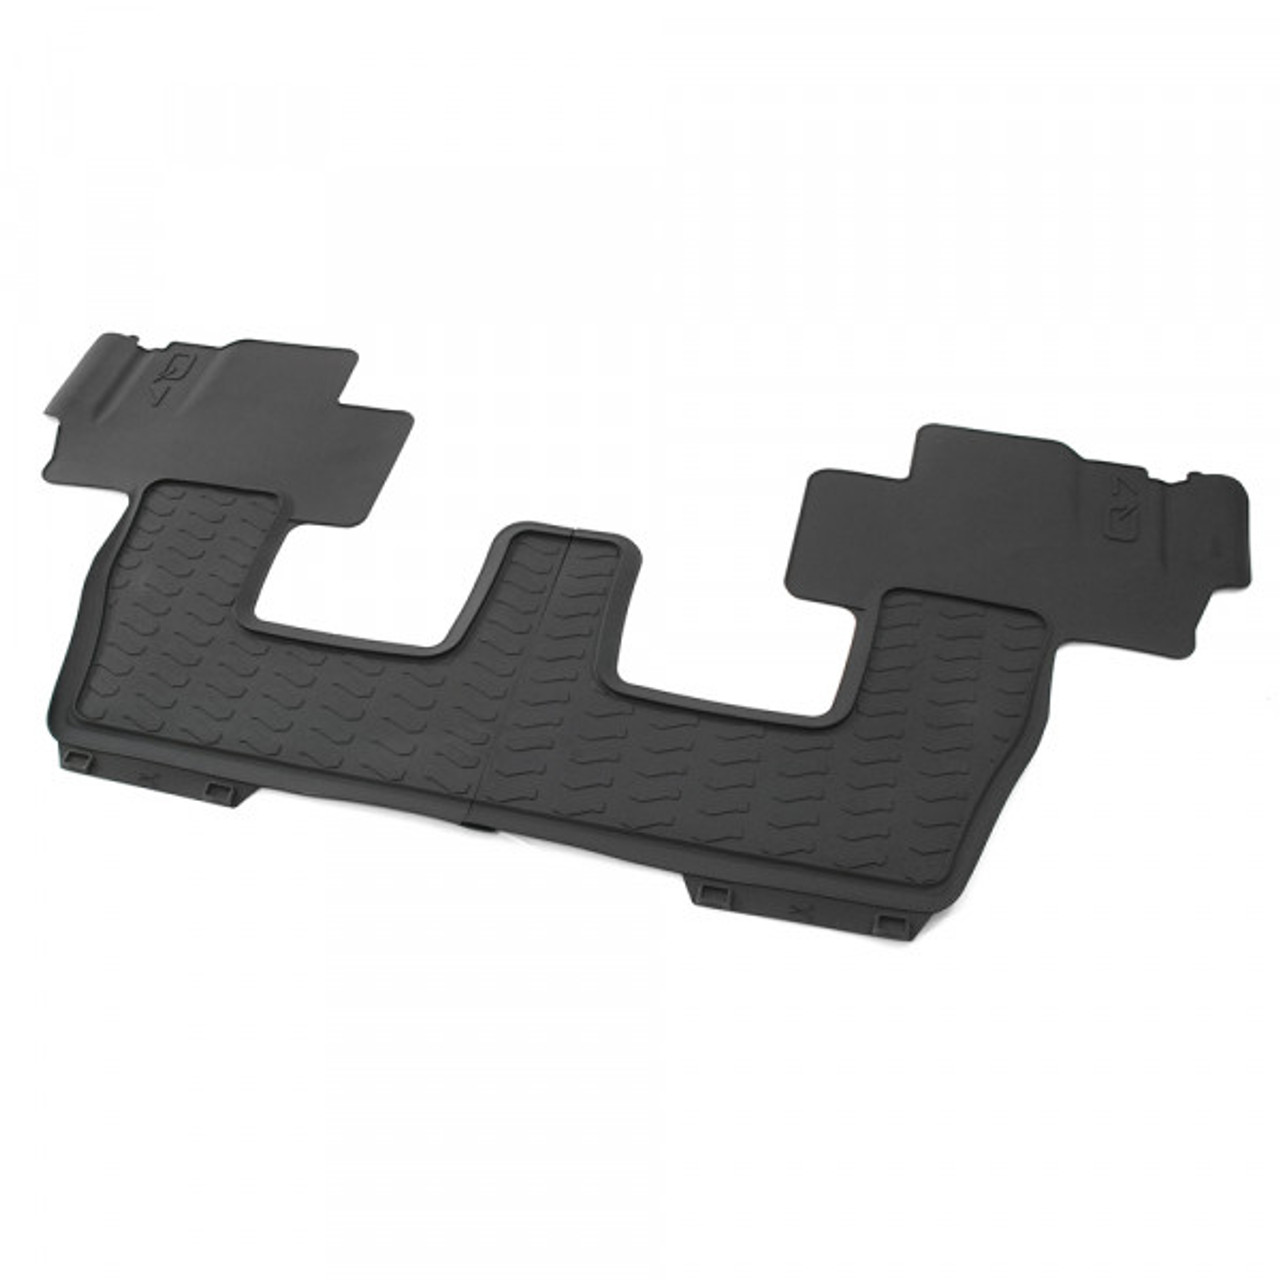 AUDI Q7 2016+ Third Row Rubber Mat Set